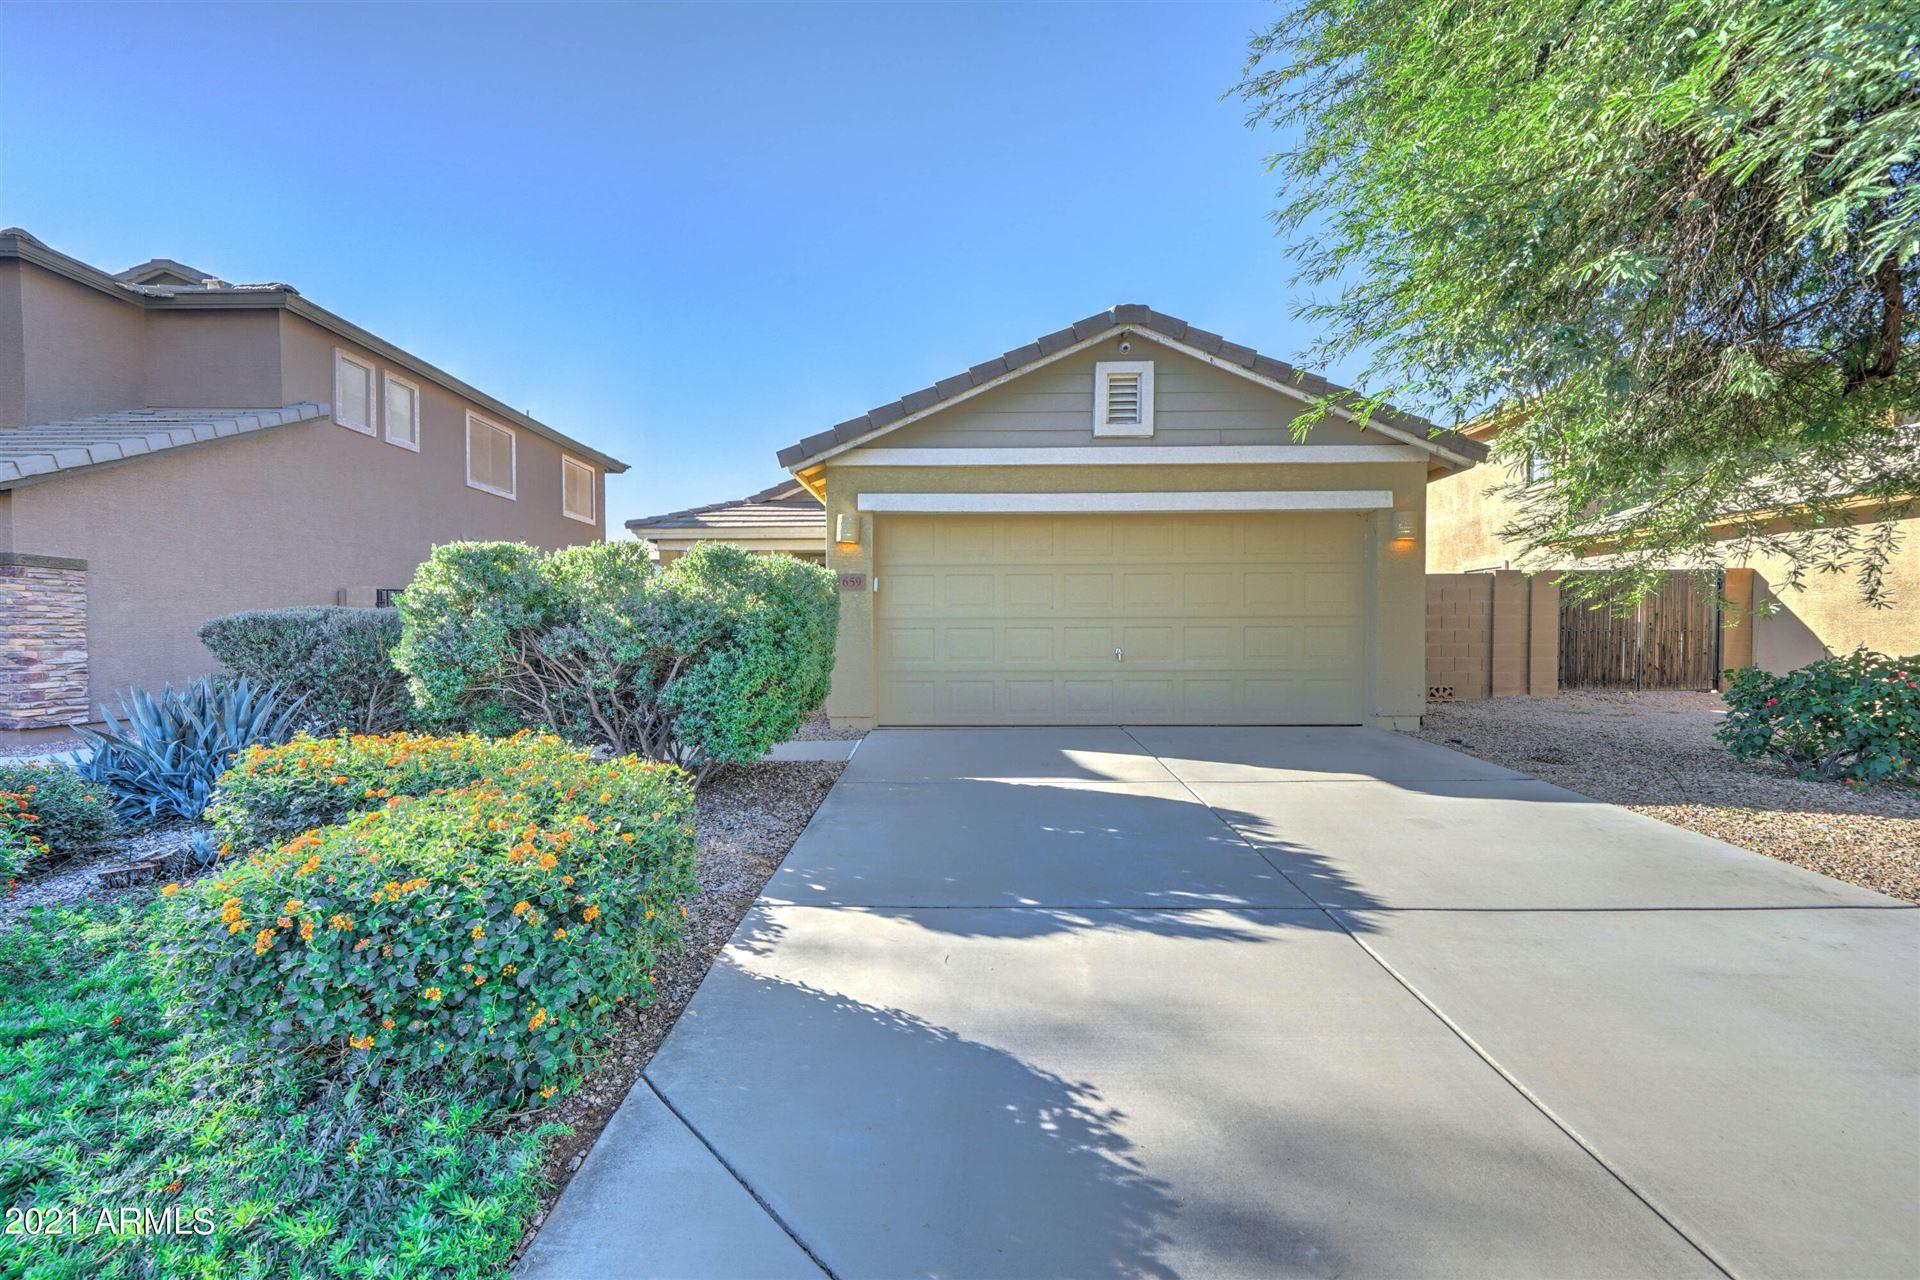 1659 W PROSPECTOR Way, Queen Creek, AZ 85142 - #: 6306786